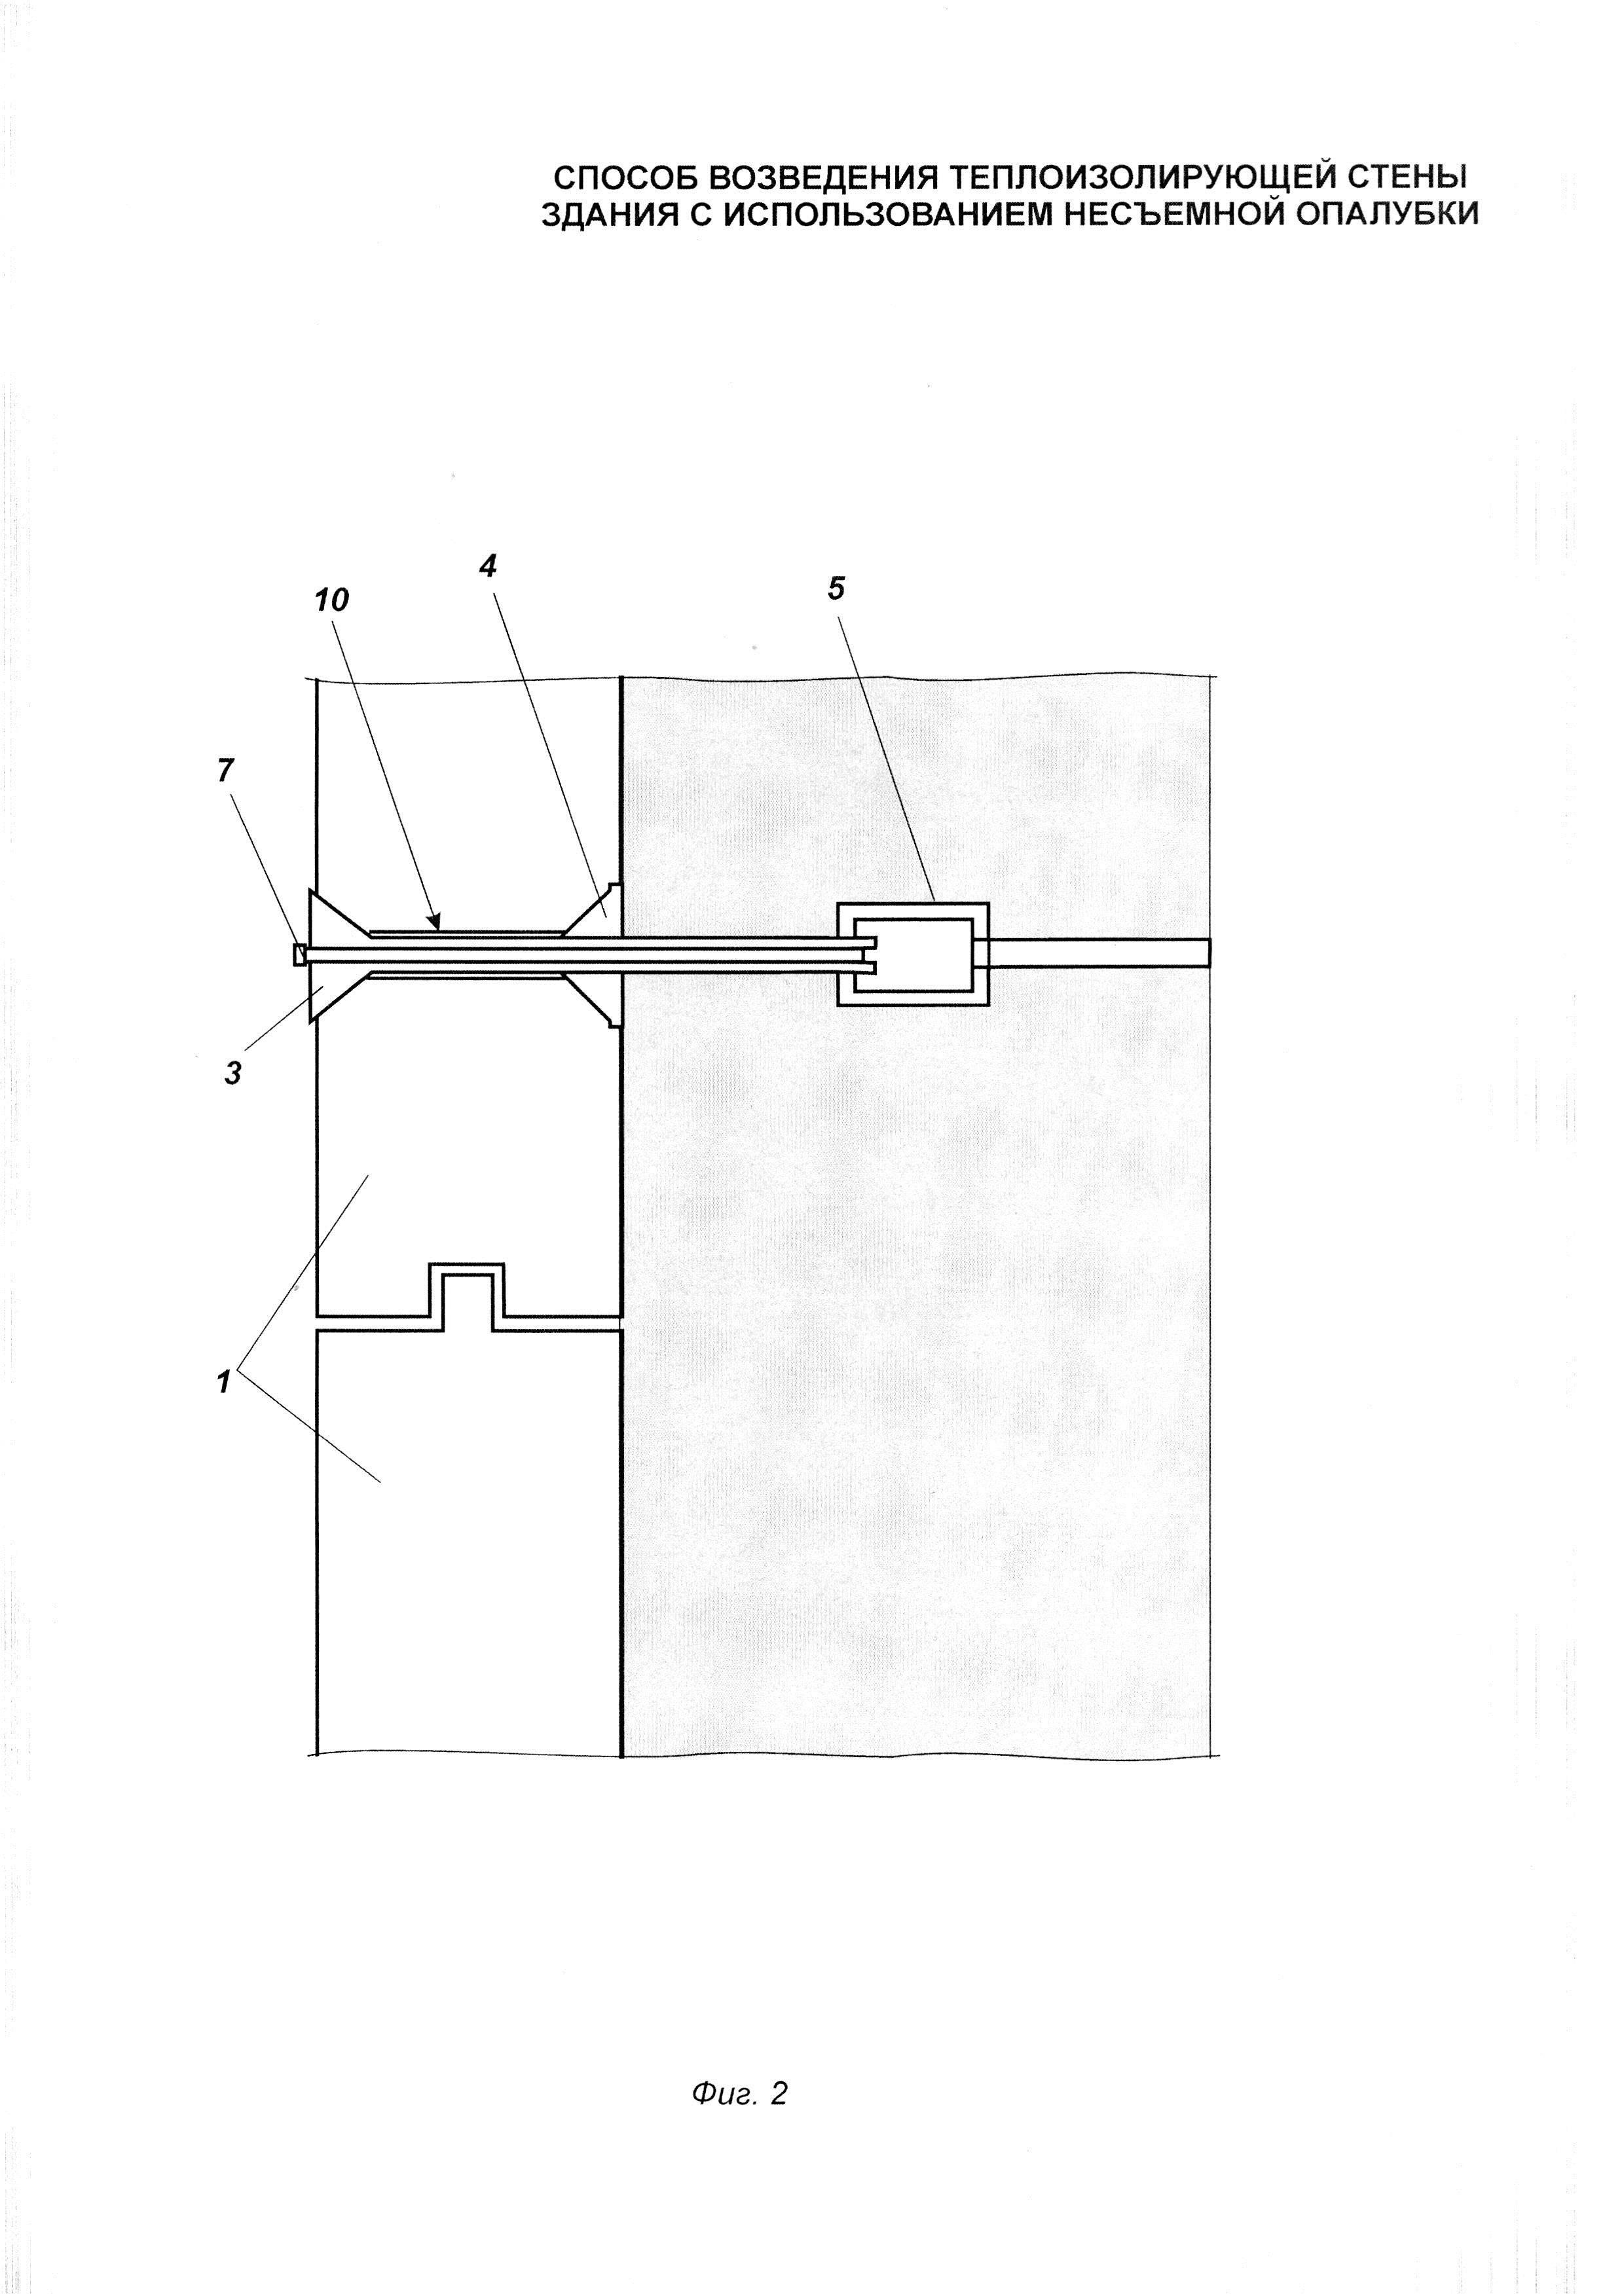 Способ возведения теплоизолирующей стены здания с использованием несъёмной опалубки